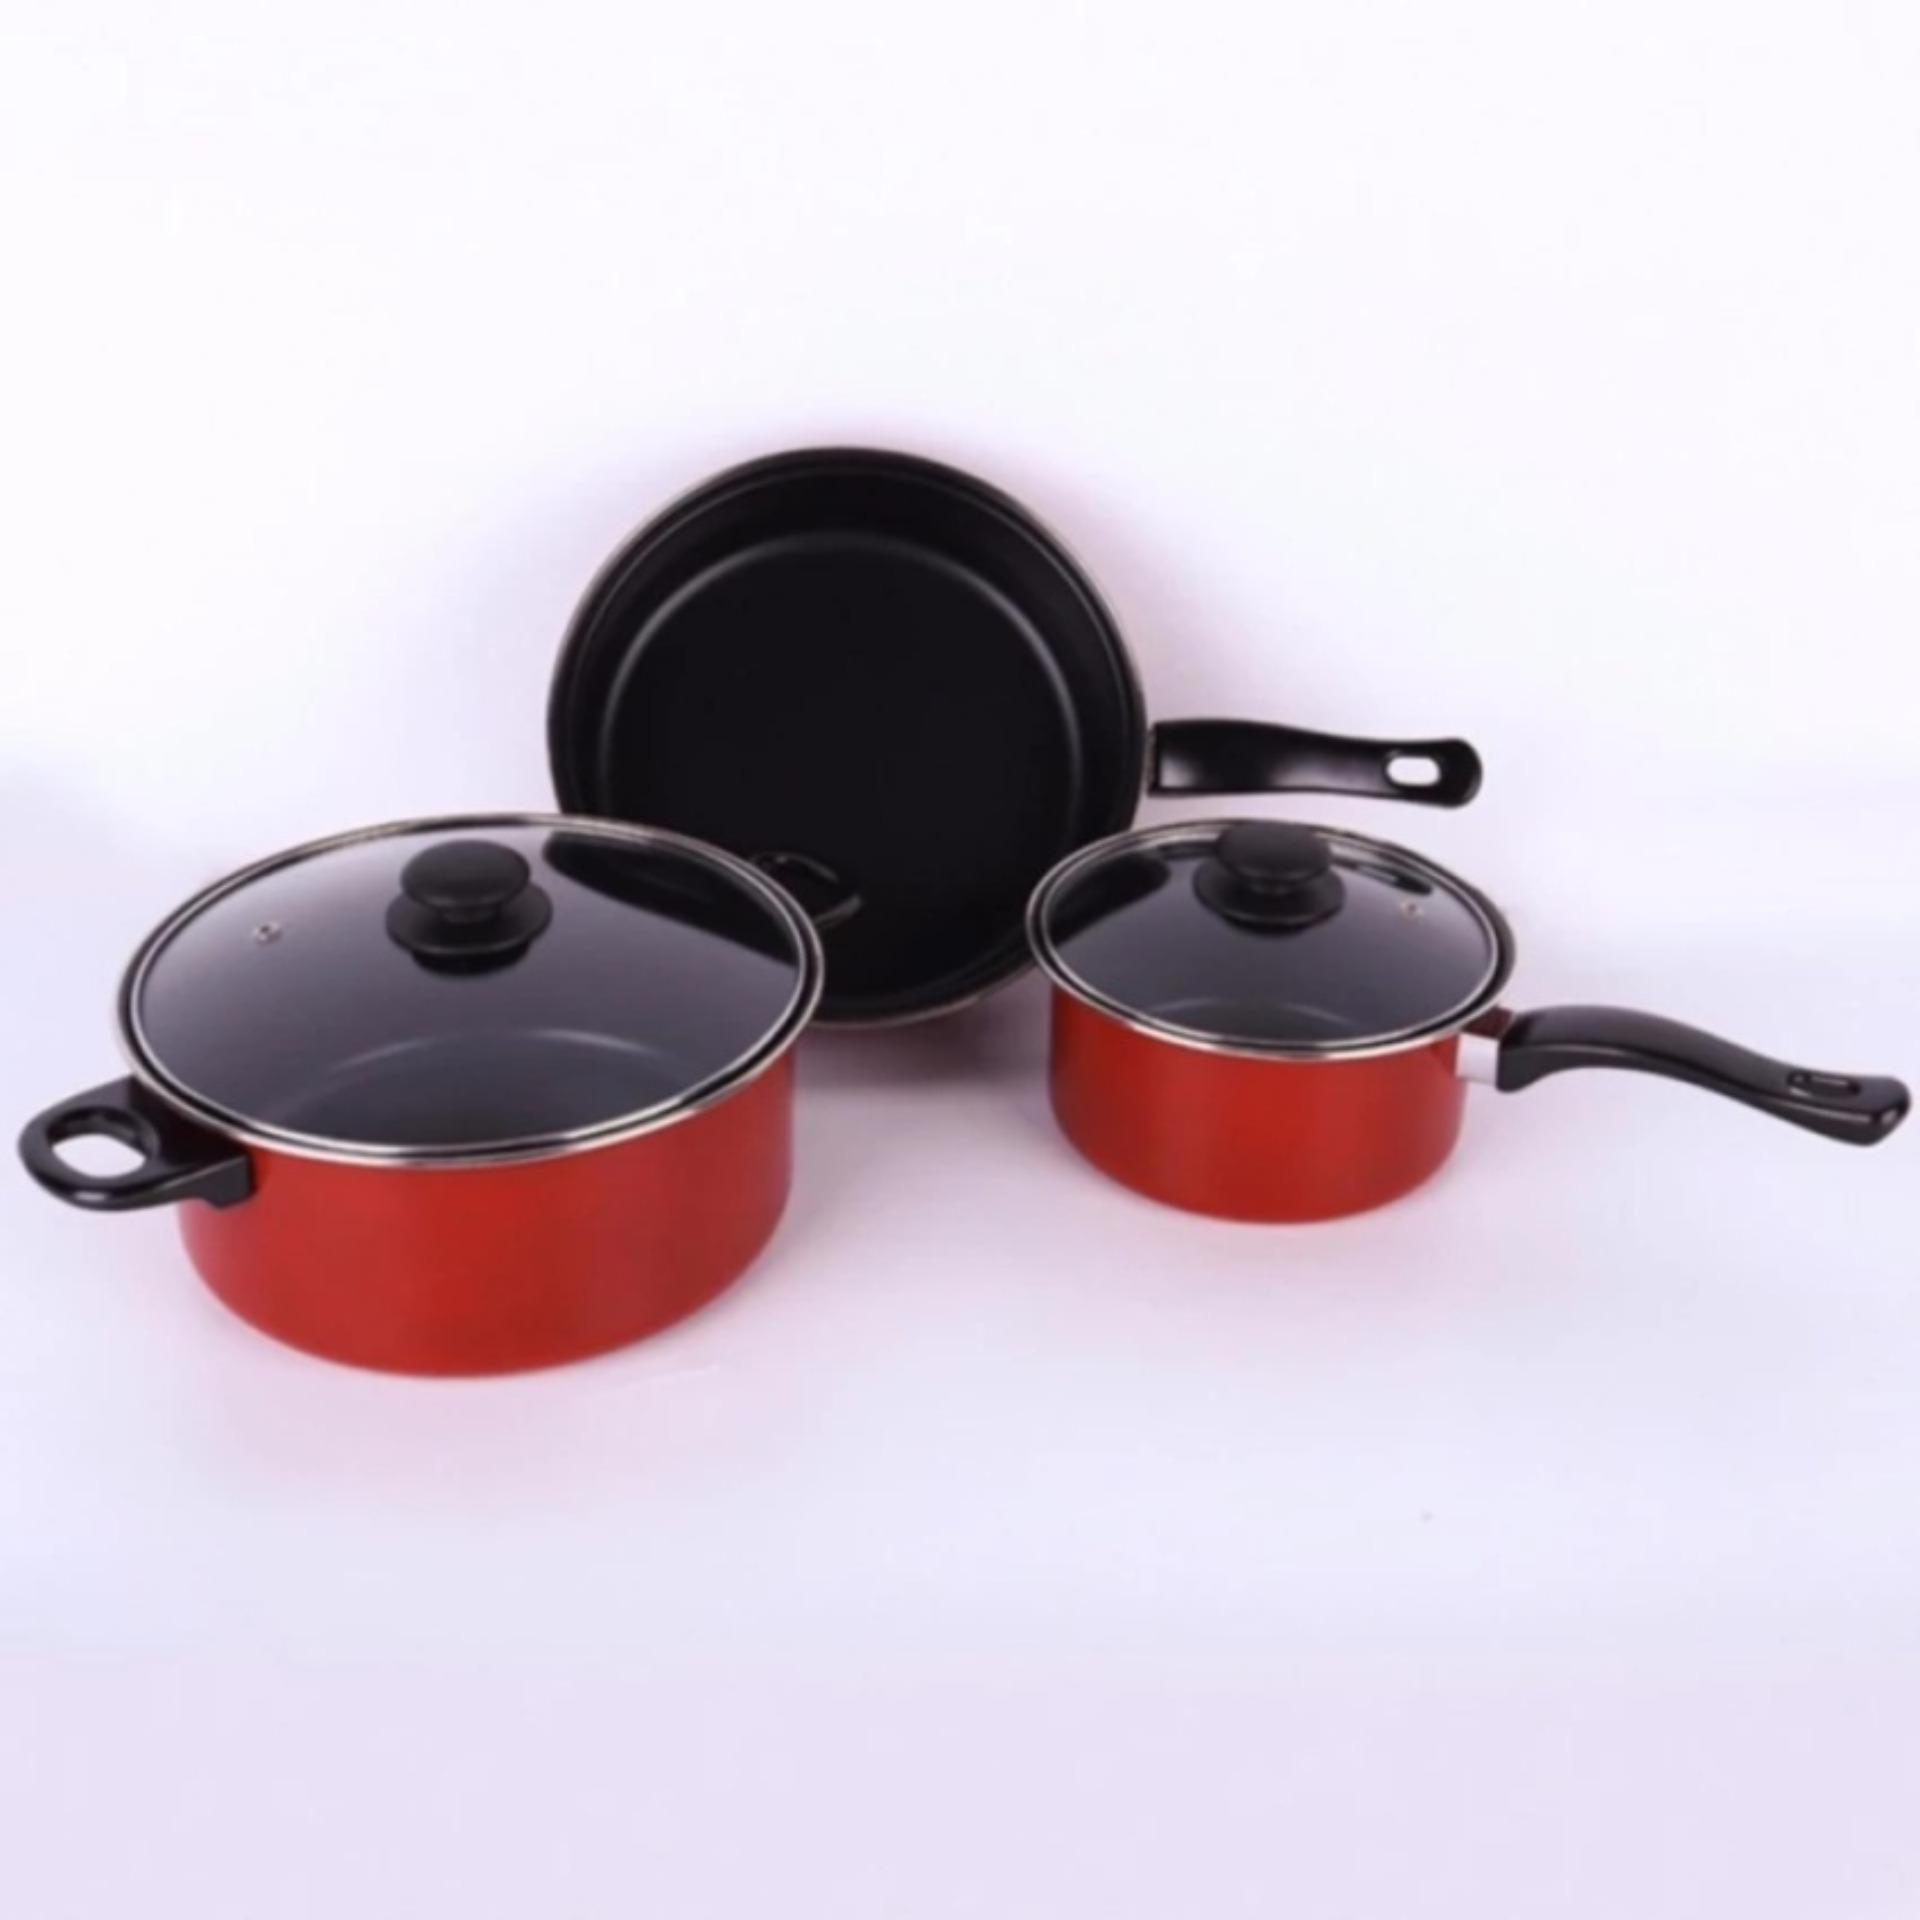 Bộ 3 Nồi và Chảo Chống Dính Cao Cấp Dùng Cho mọi loại bếp